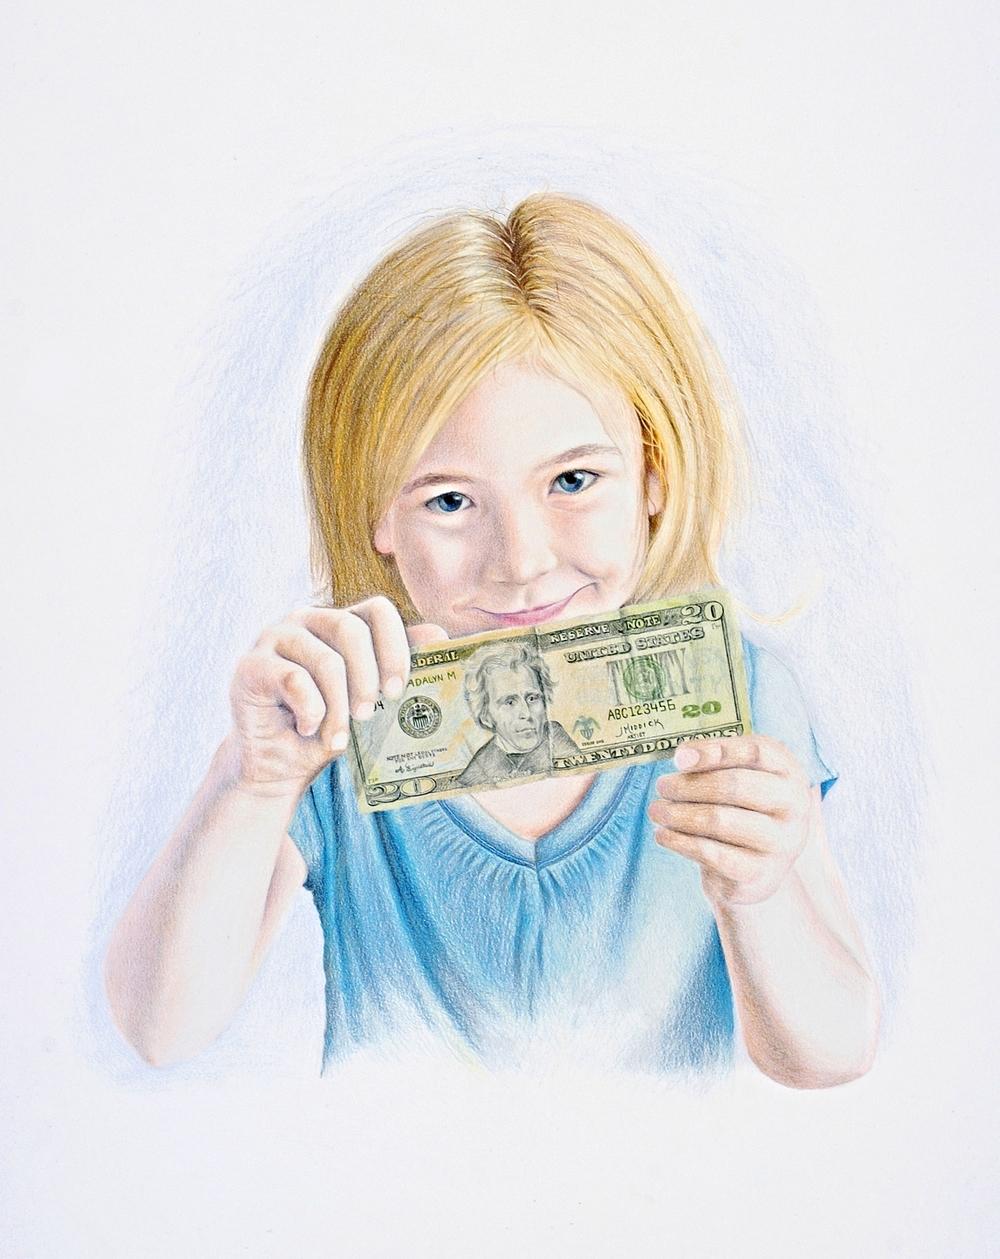 sudden wealth - WIP